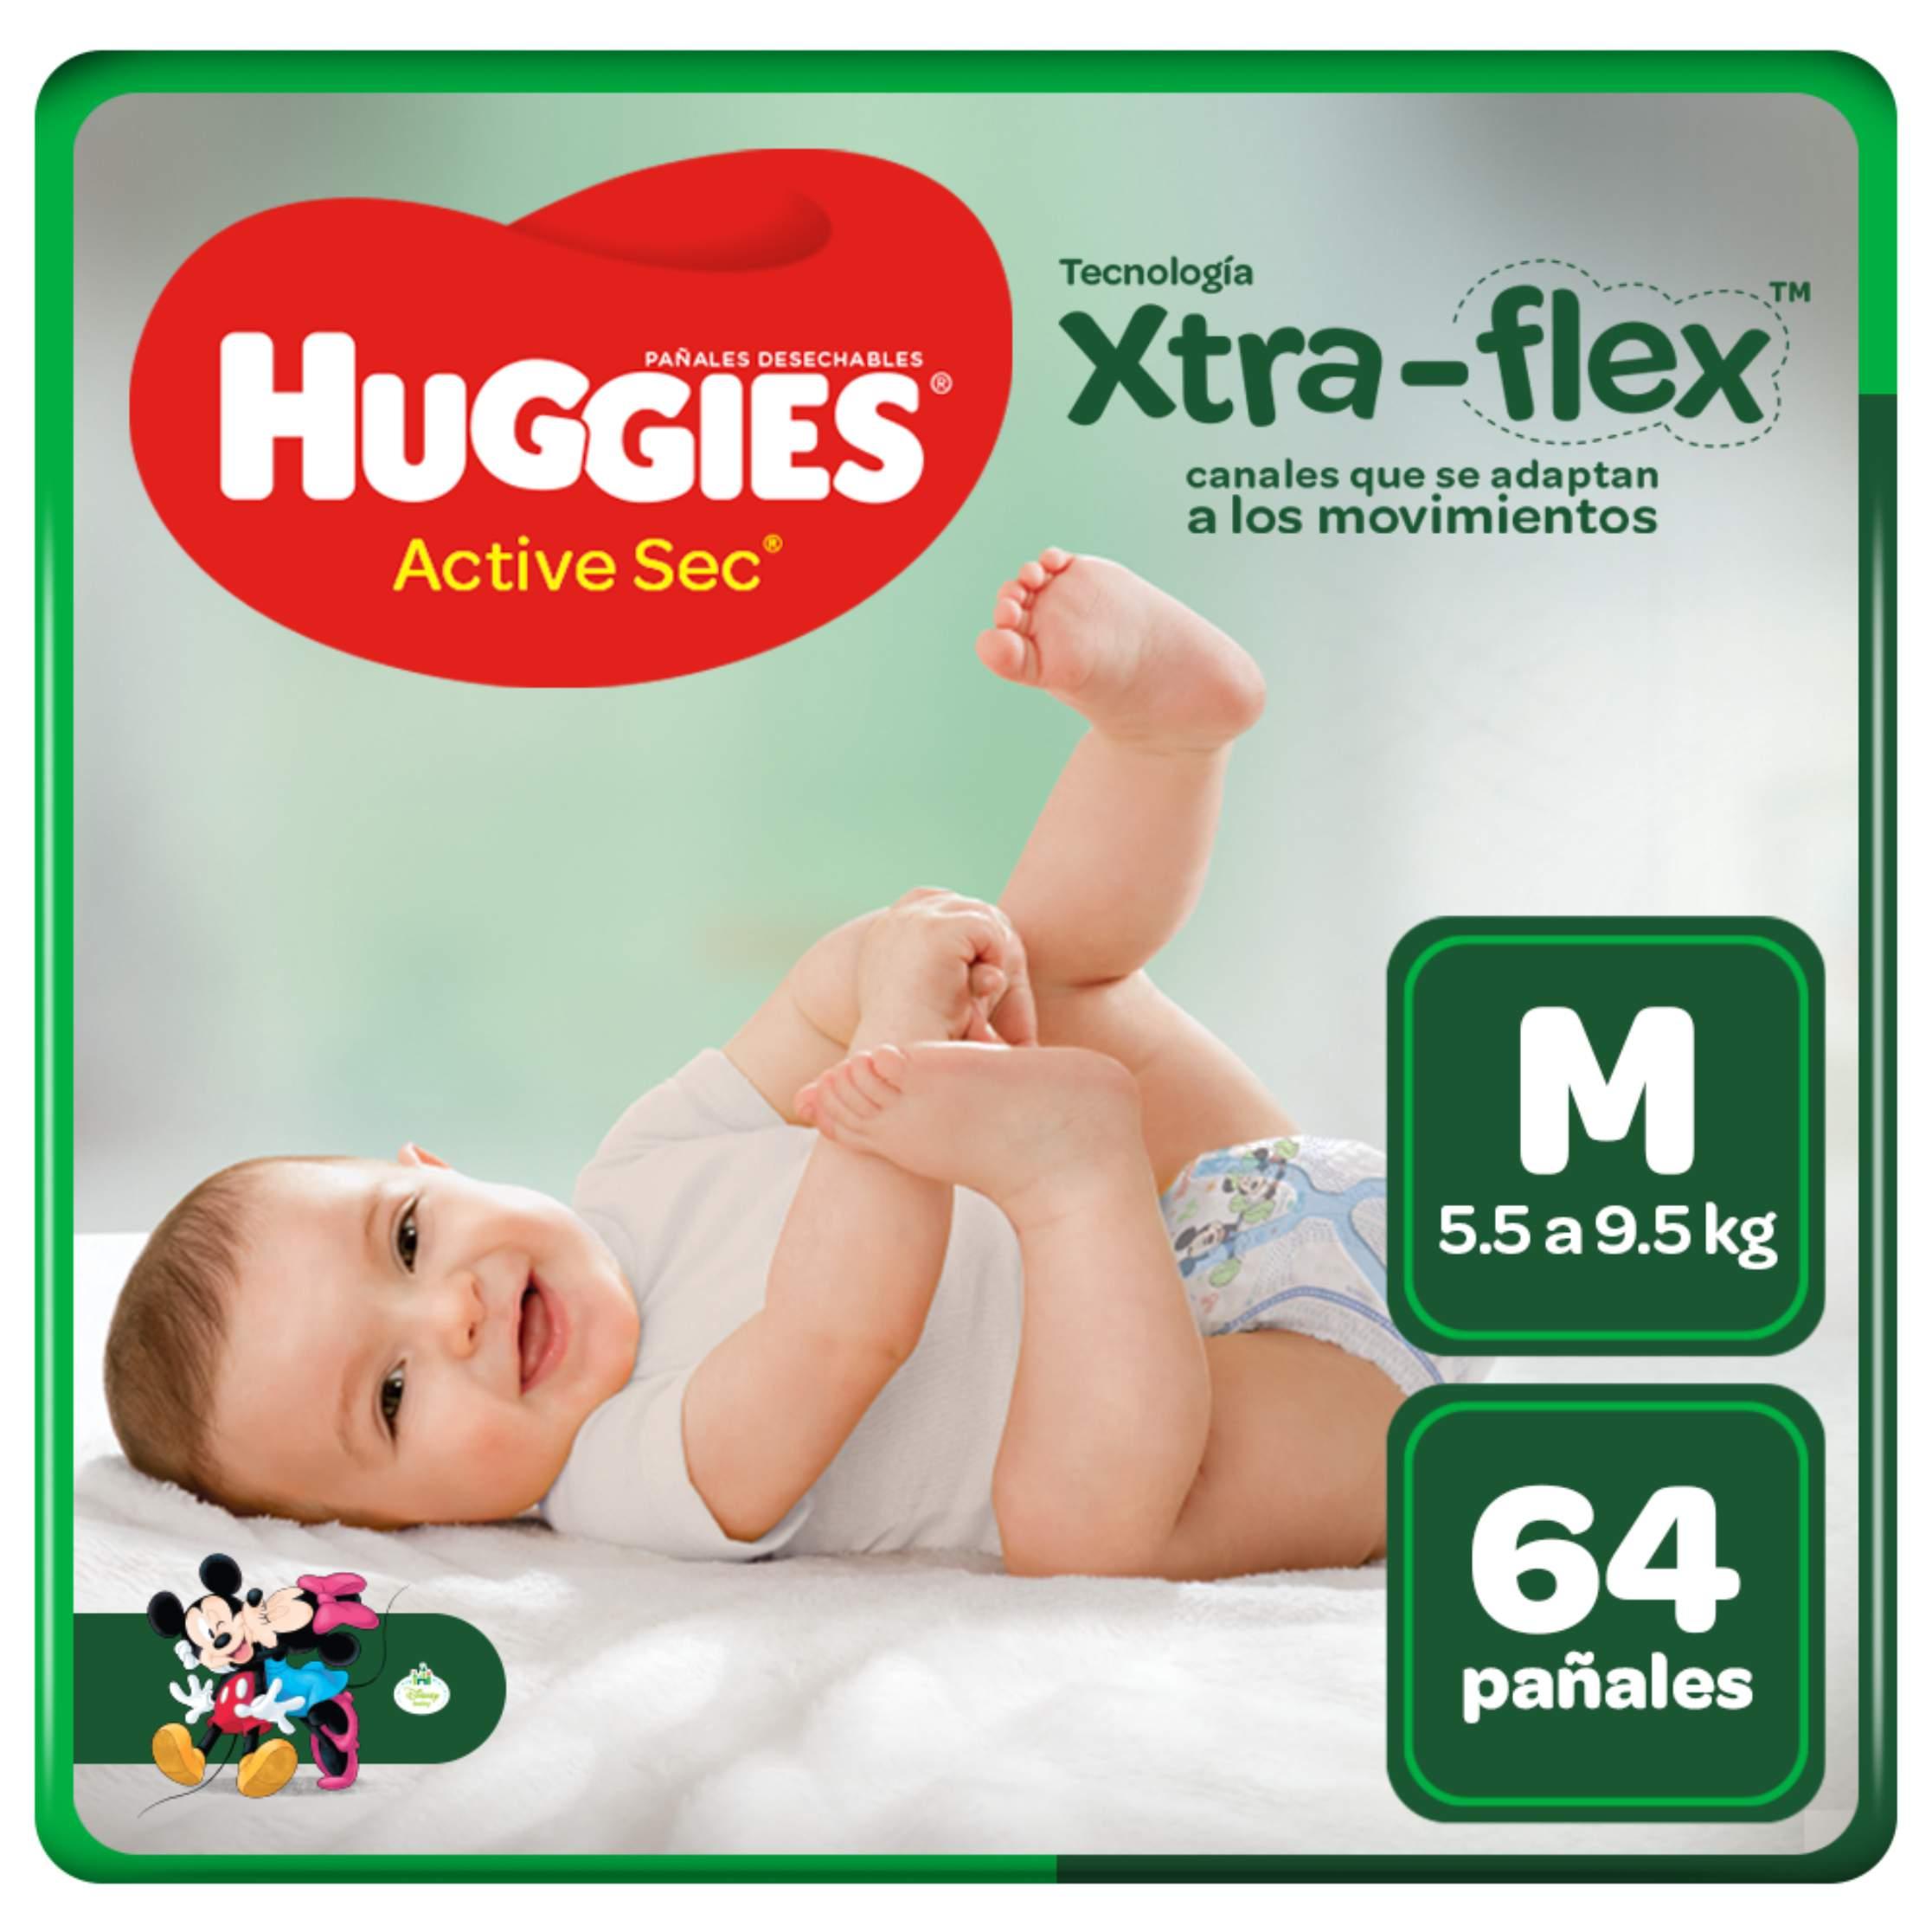 Pañales Huggies Active Sec Xtra Flex Talla M - Bolsa 64 UN